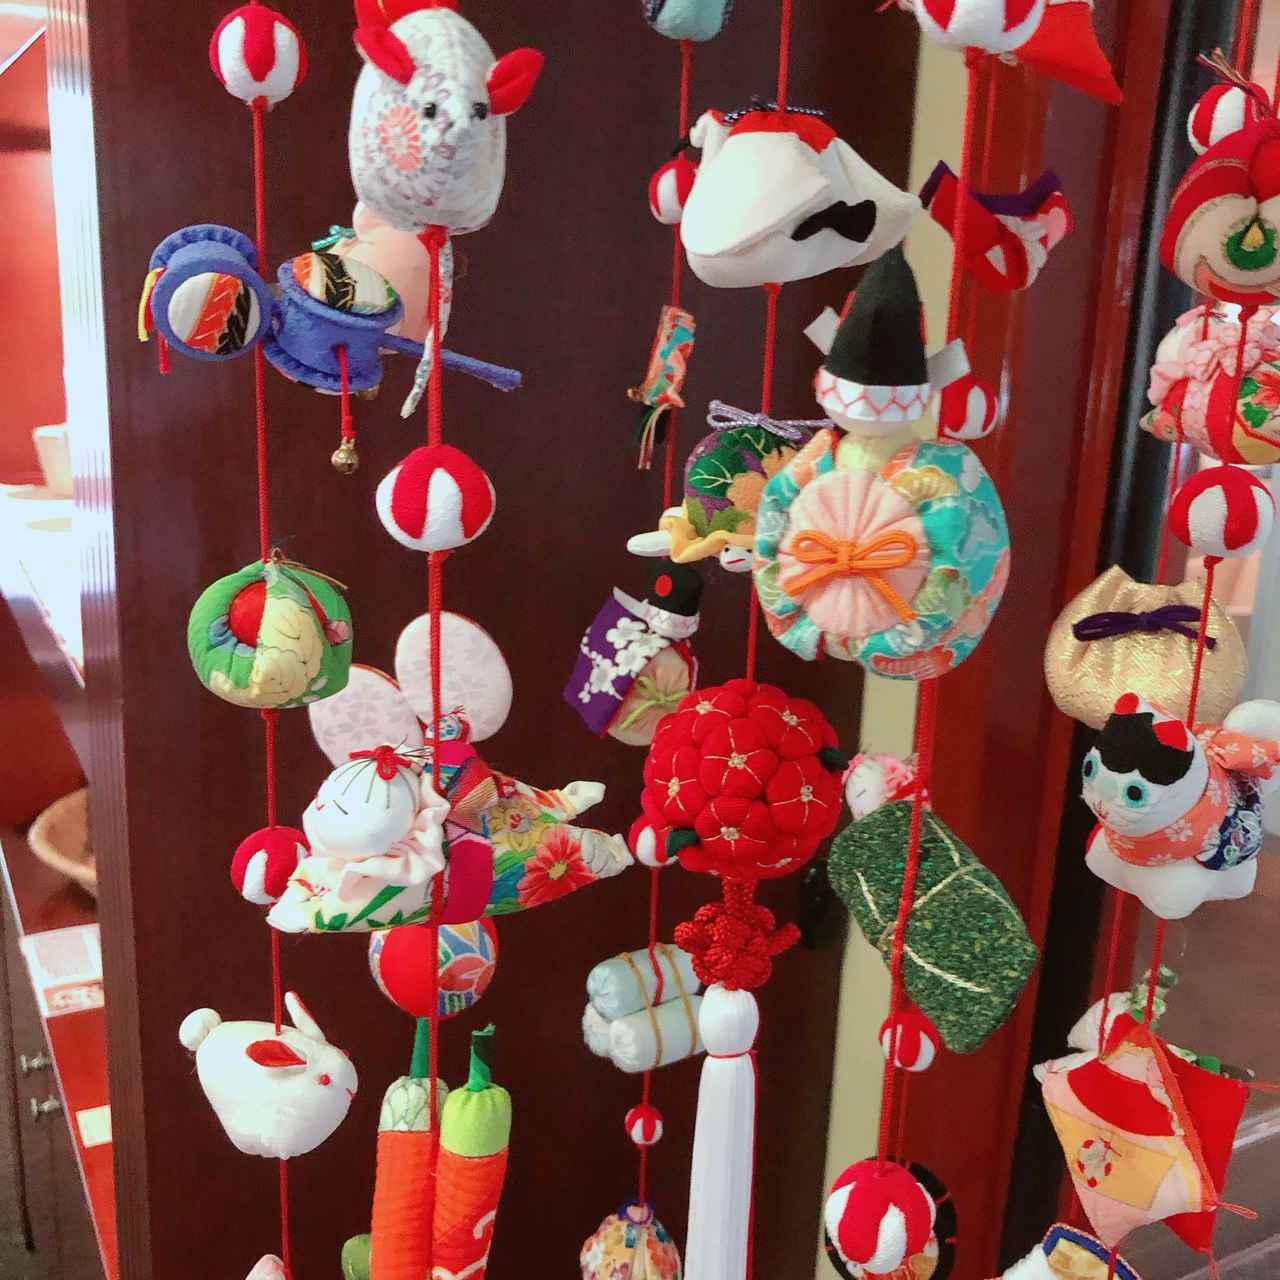 画像3: GoTo紅葉観光におすすめ!伊豆の温泉宿「清流荘」で週末女子旅♡